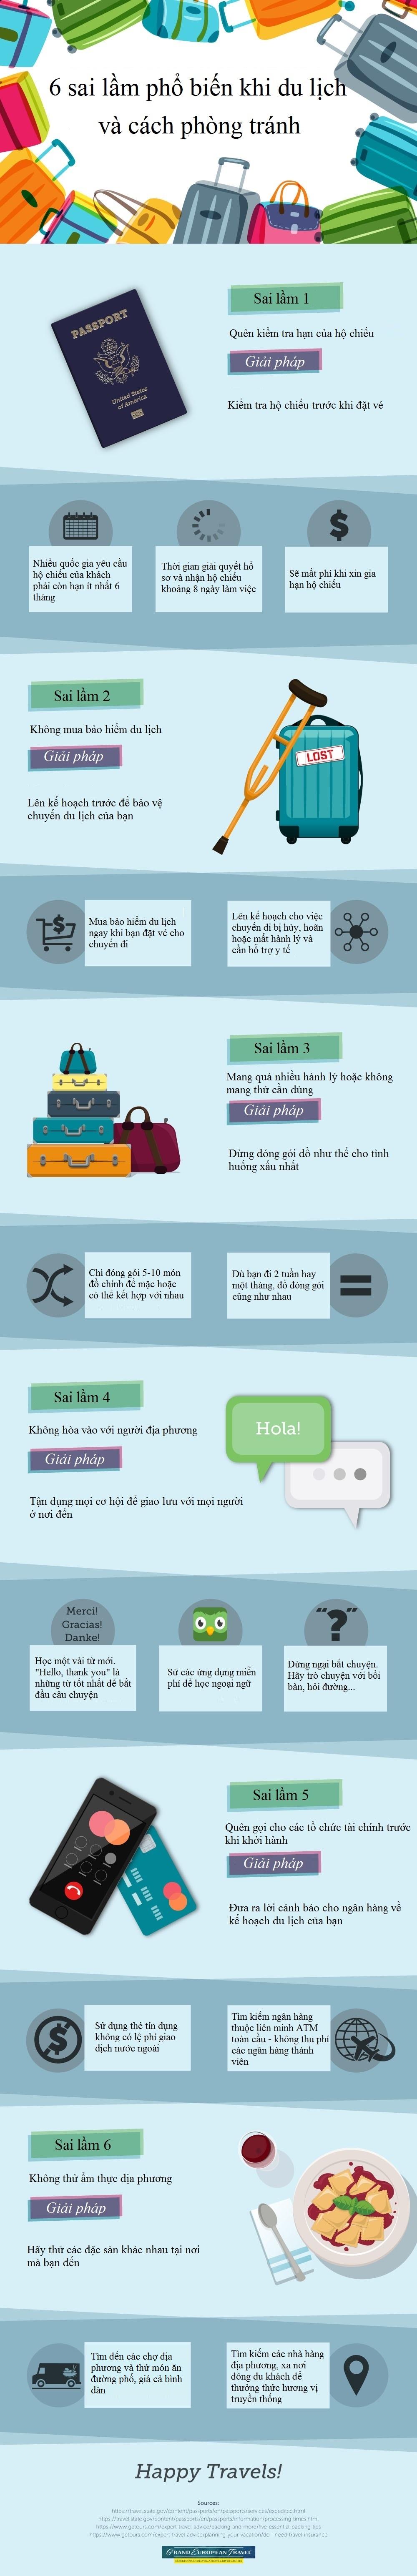 6 sai lầm ai cũng dễ mắc phải khi đi du lịch